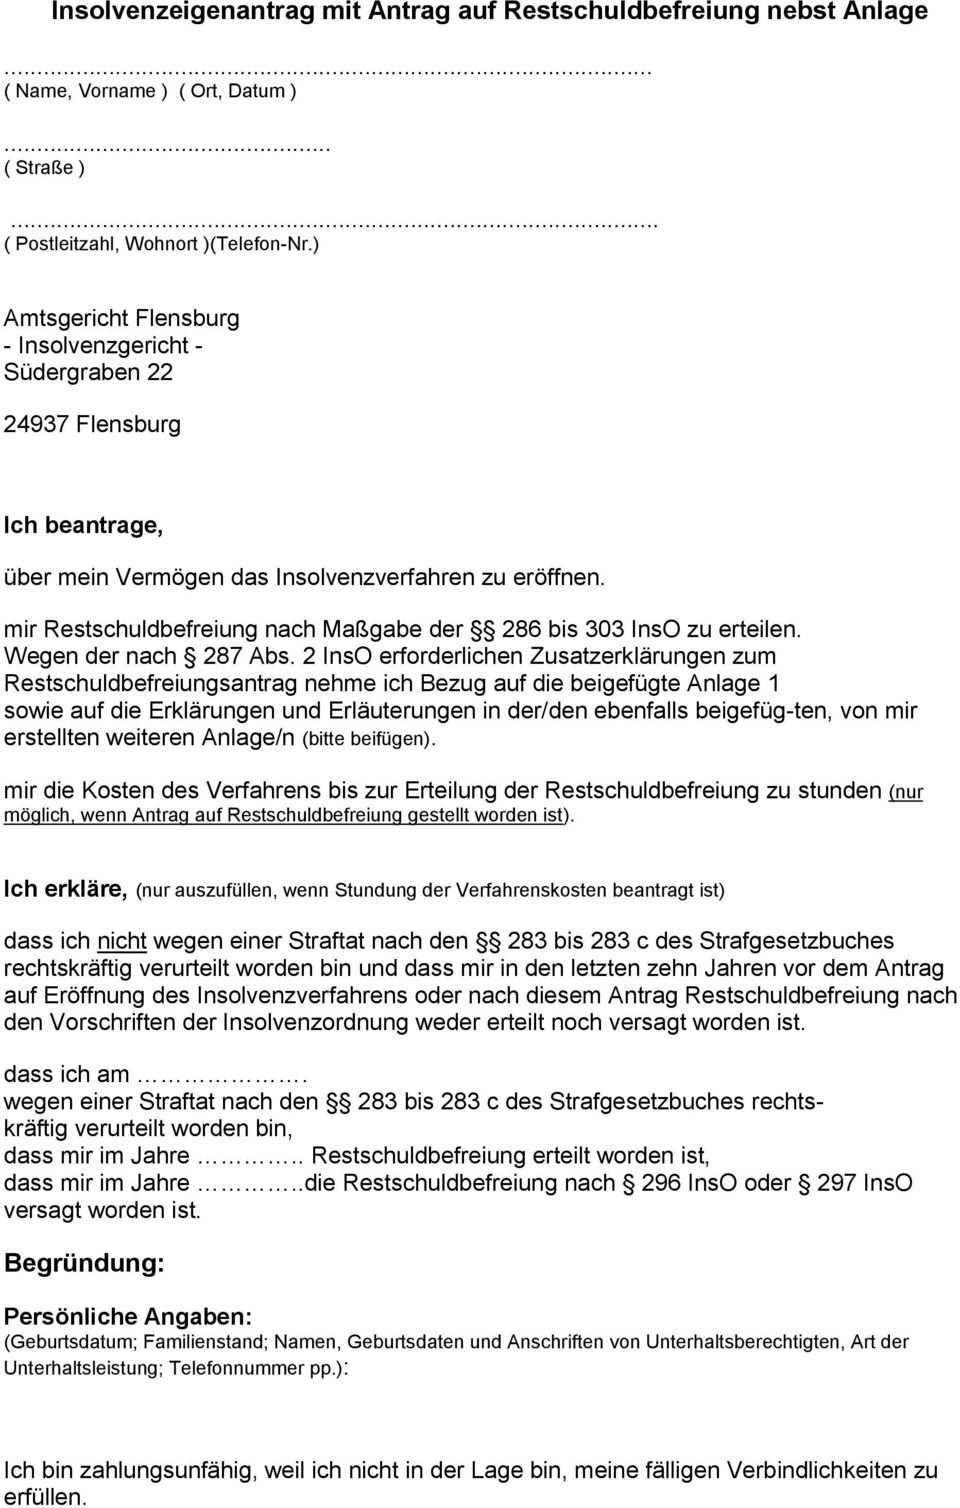 Insolvenzeigenantrag Mit Antrag Auf Restschuldbefreiung Nebst Anlage Pdf Free Download